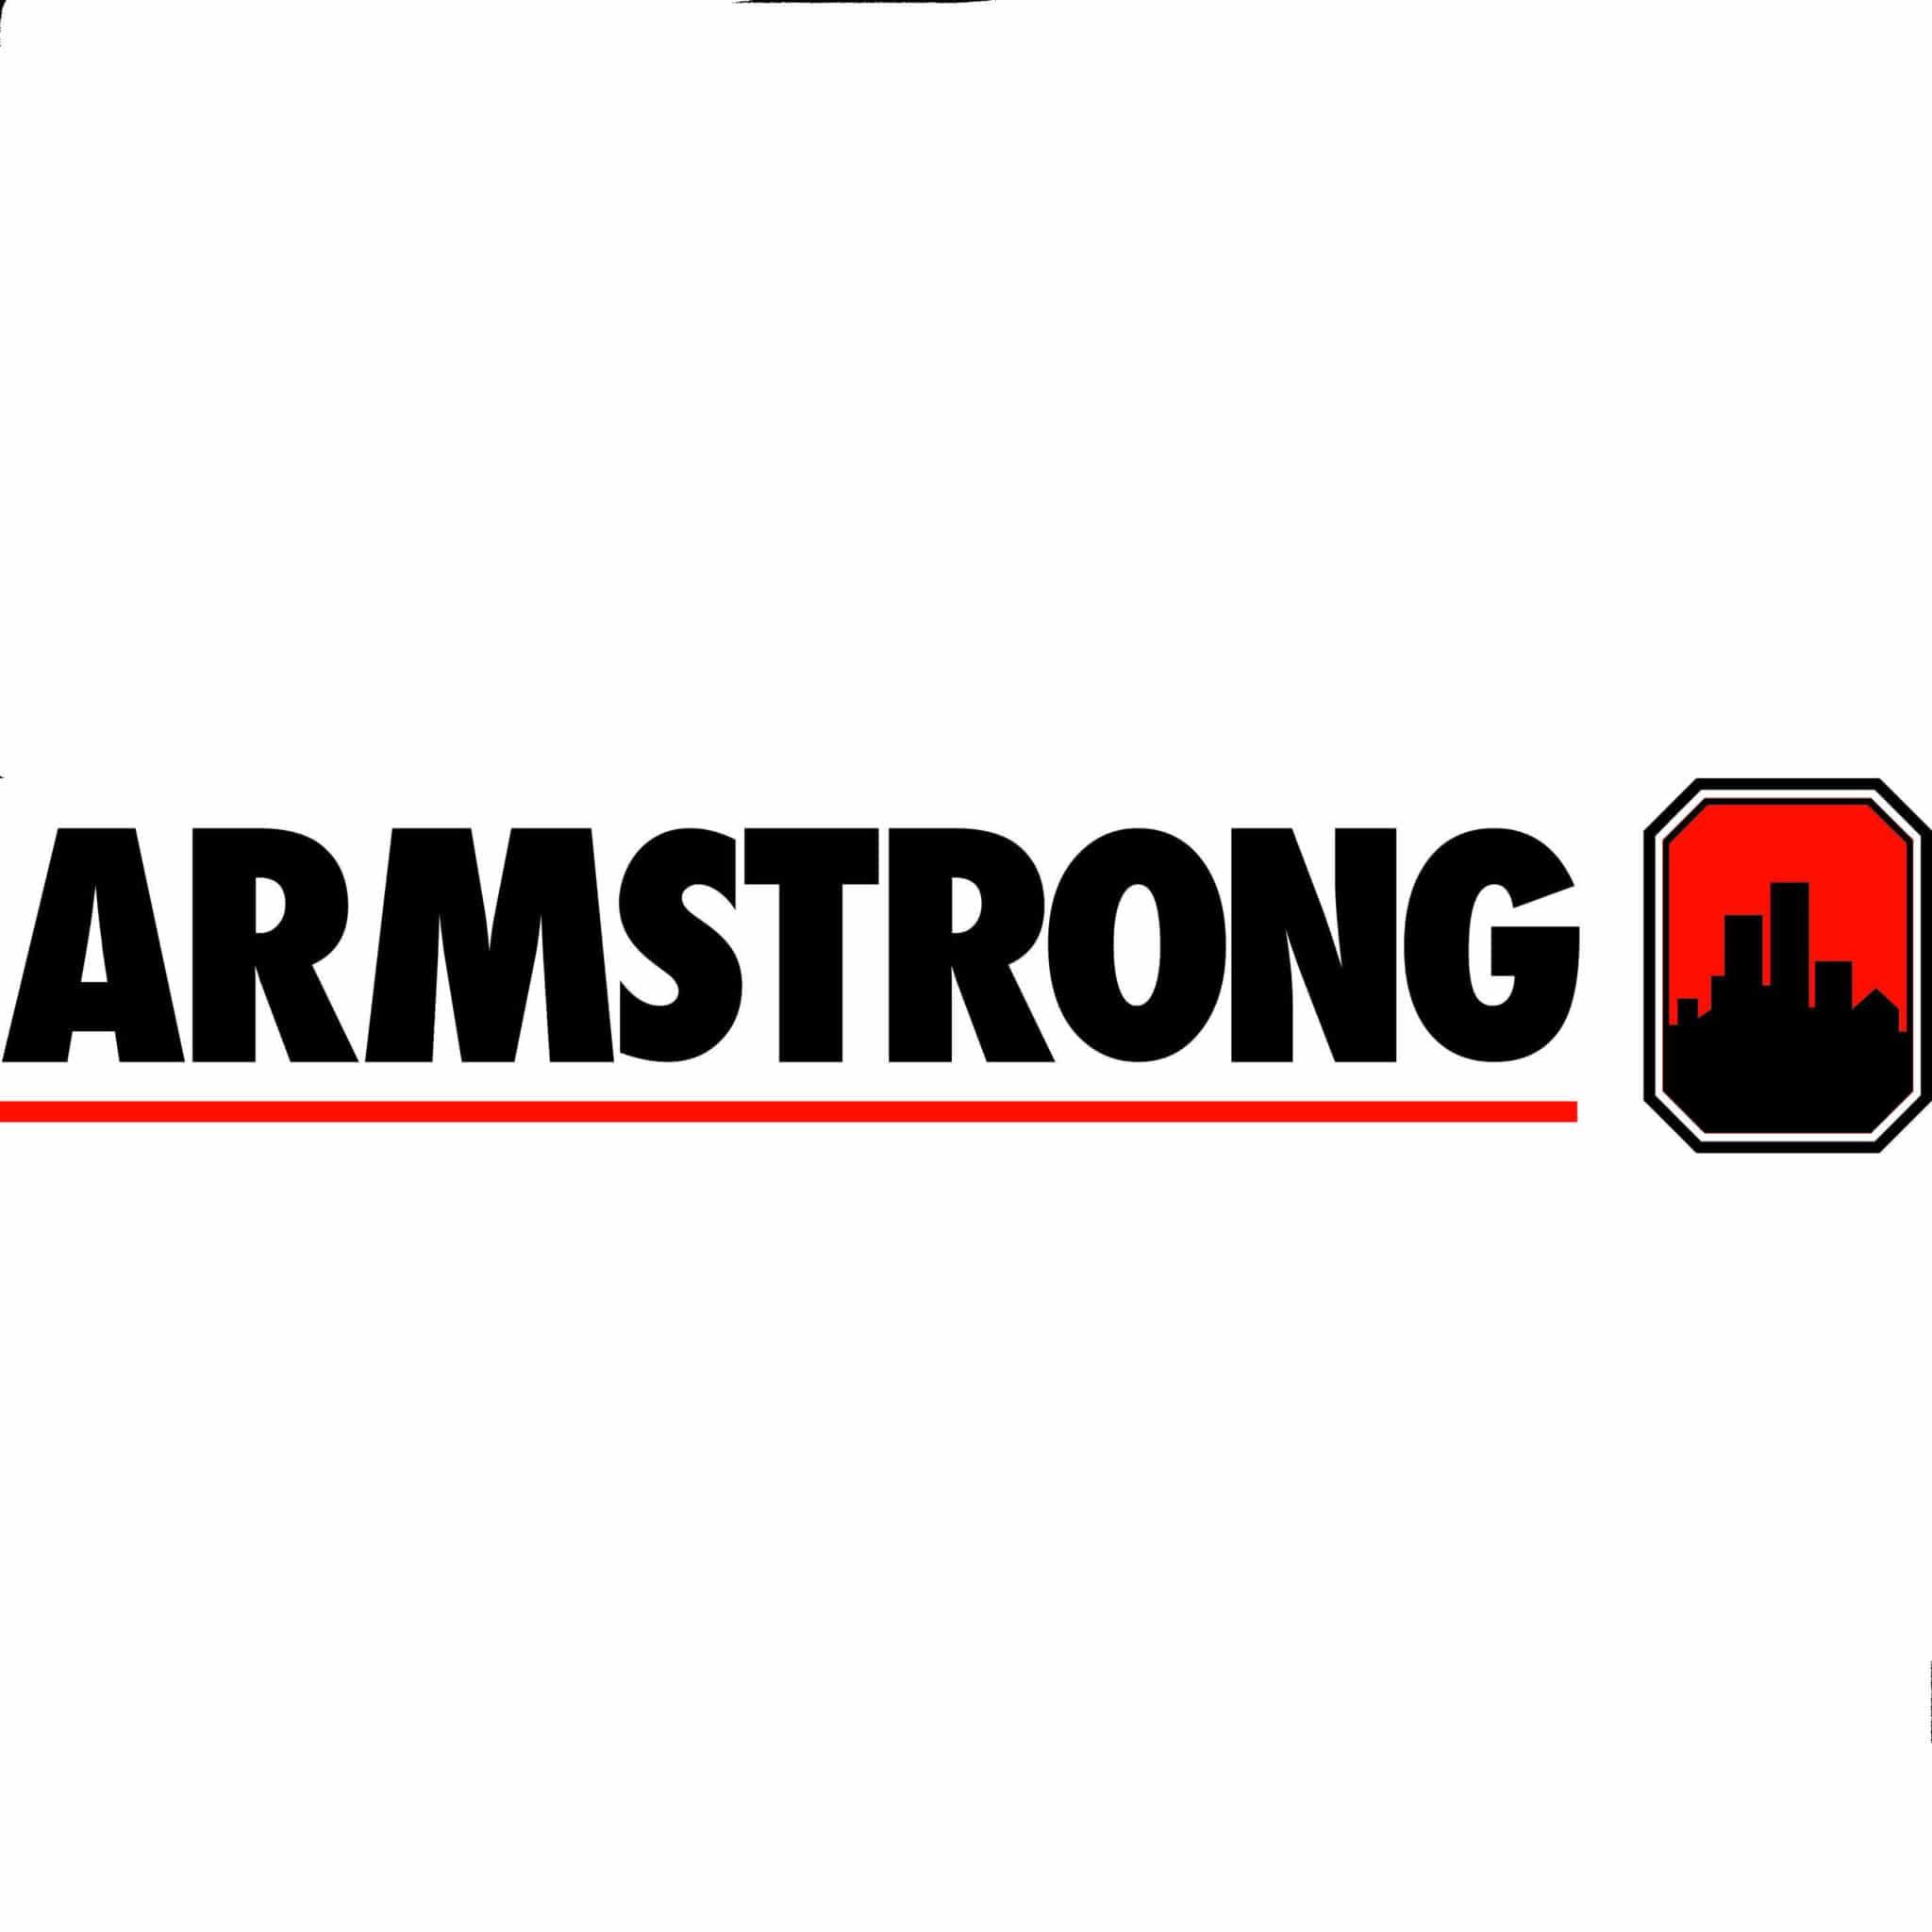 Armstrong Logo News Image